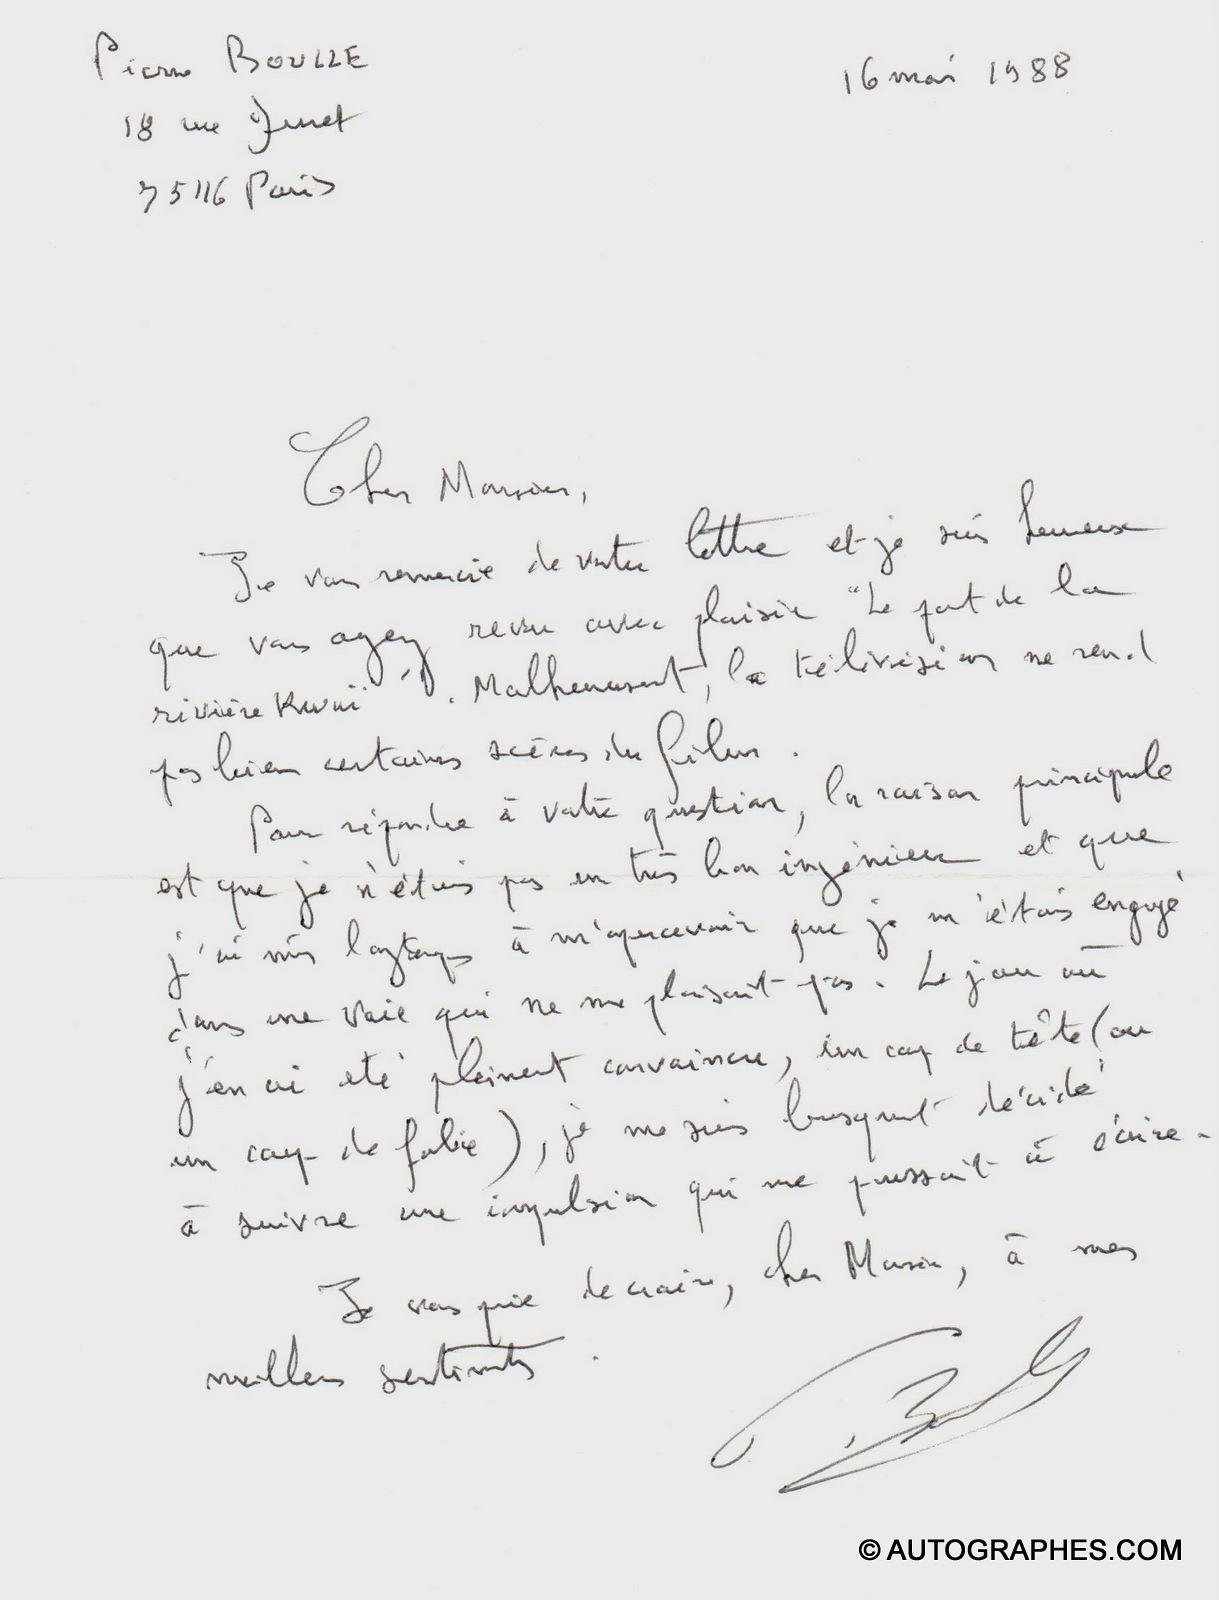 Pierre BOULLE - Lettre autographe signée (16 mai 1988)